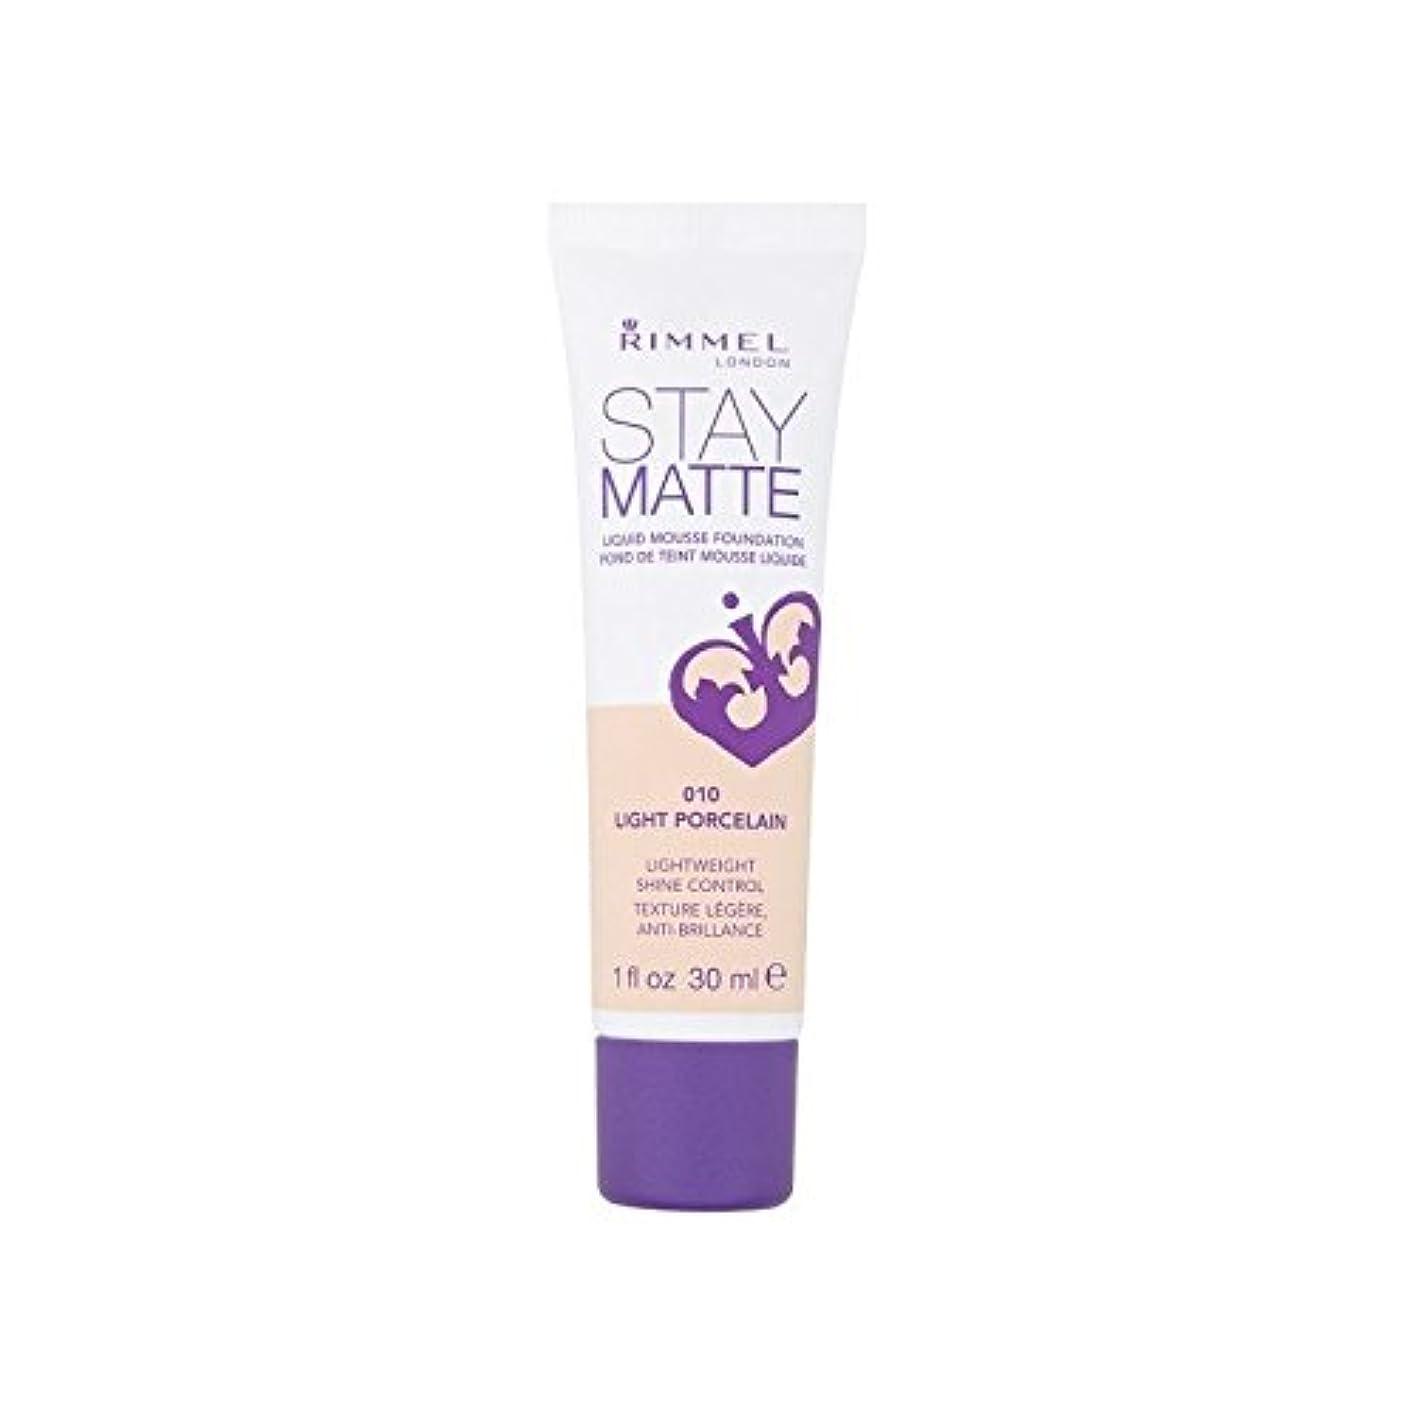 呼びかけるピクニックをする条約Rimmel Stay Matte Foundation Porcelain - リンメルステイマット基礎磁器 [並行輸入品]